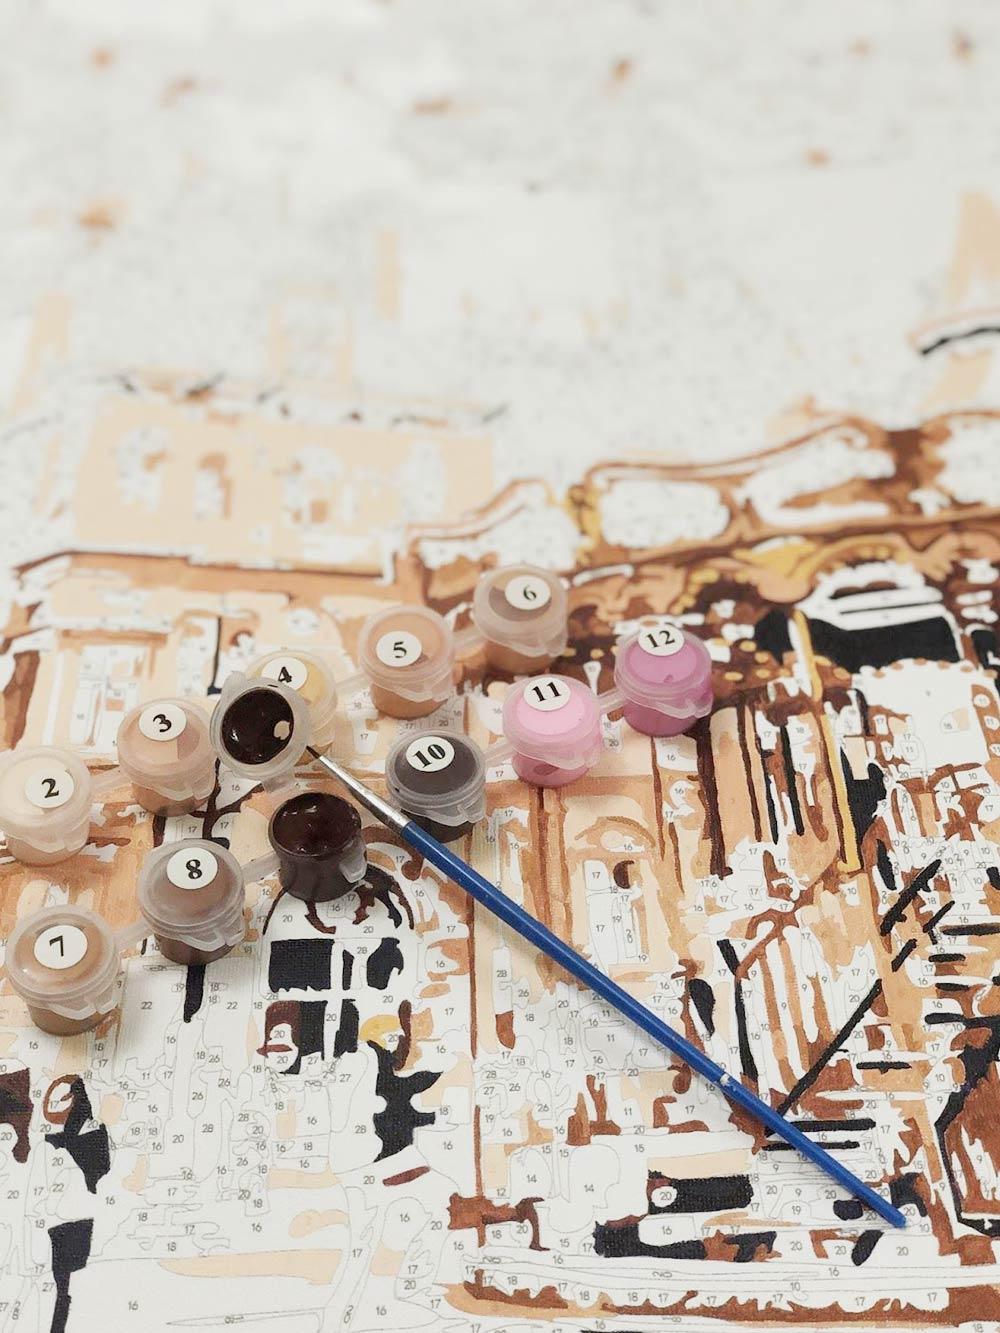 Под лекцию пару часов раскрашиваю свою картину. С каждым цветом становится все сложнее закрашивать разные кракозябры